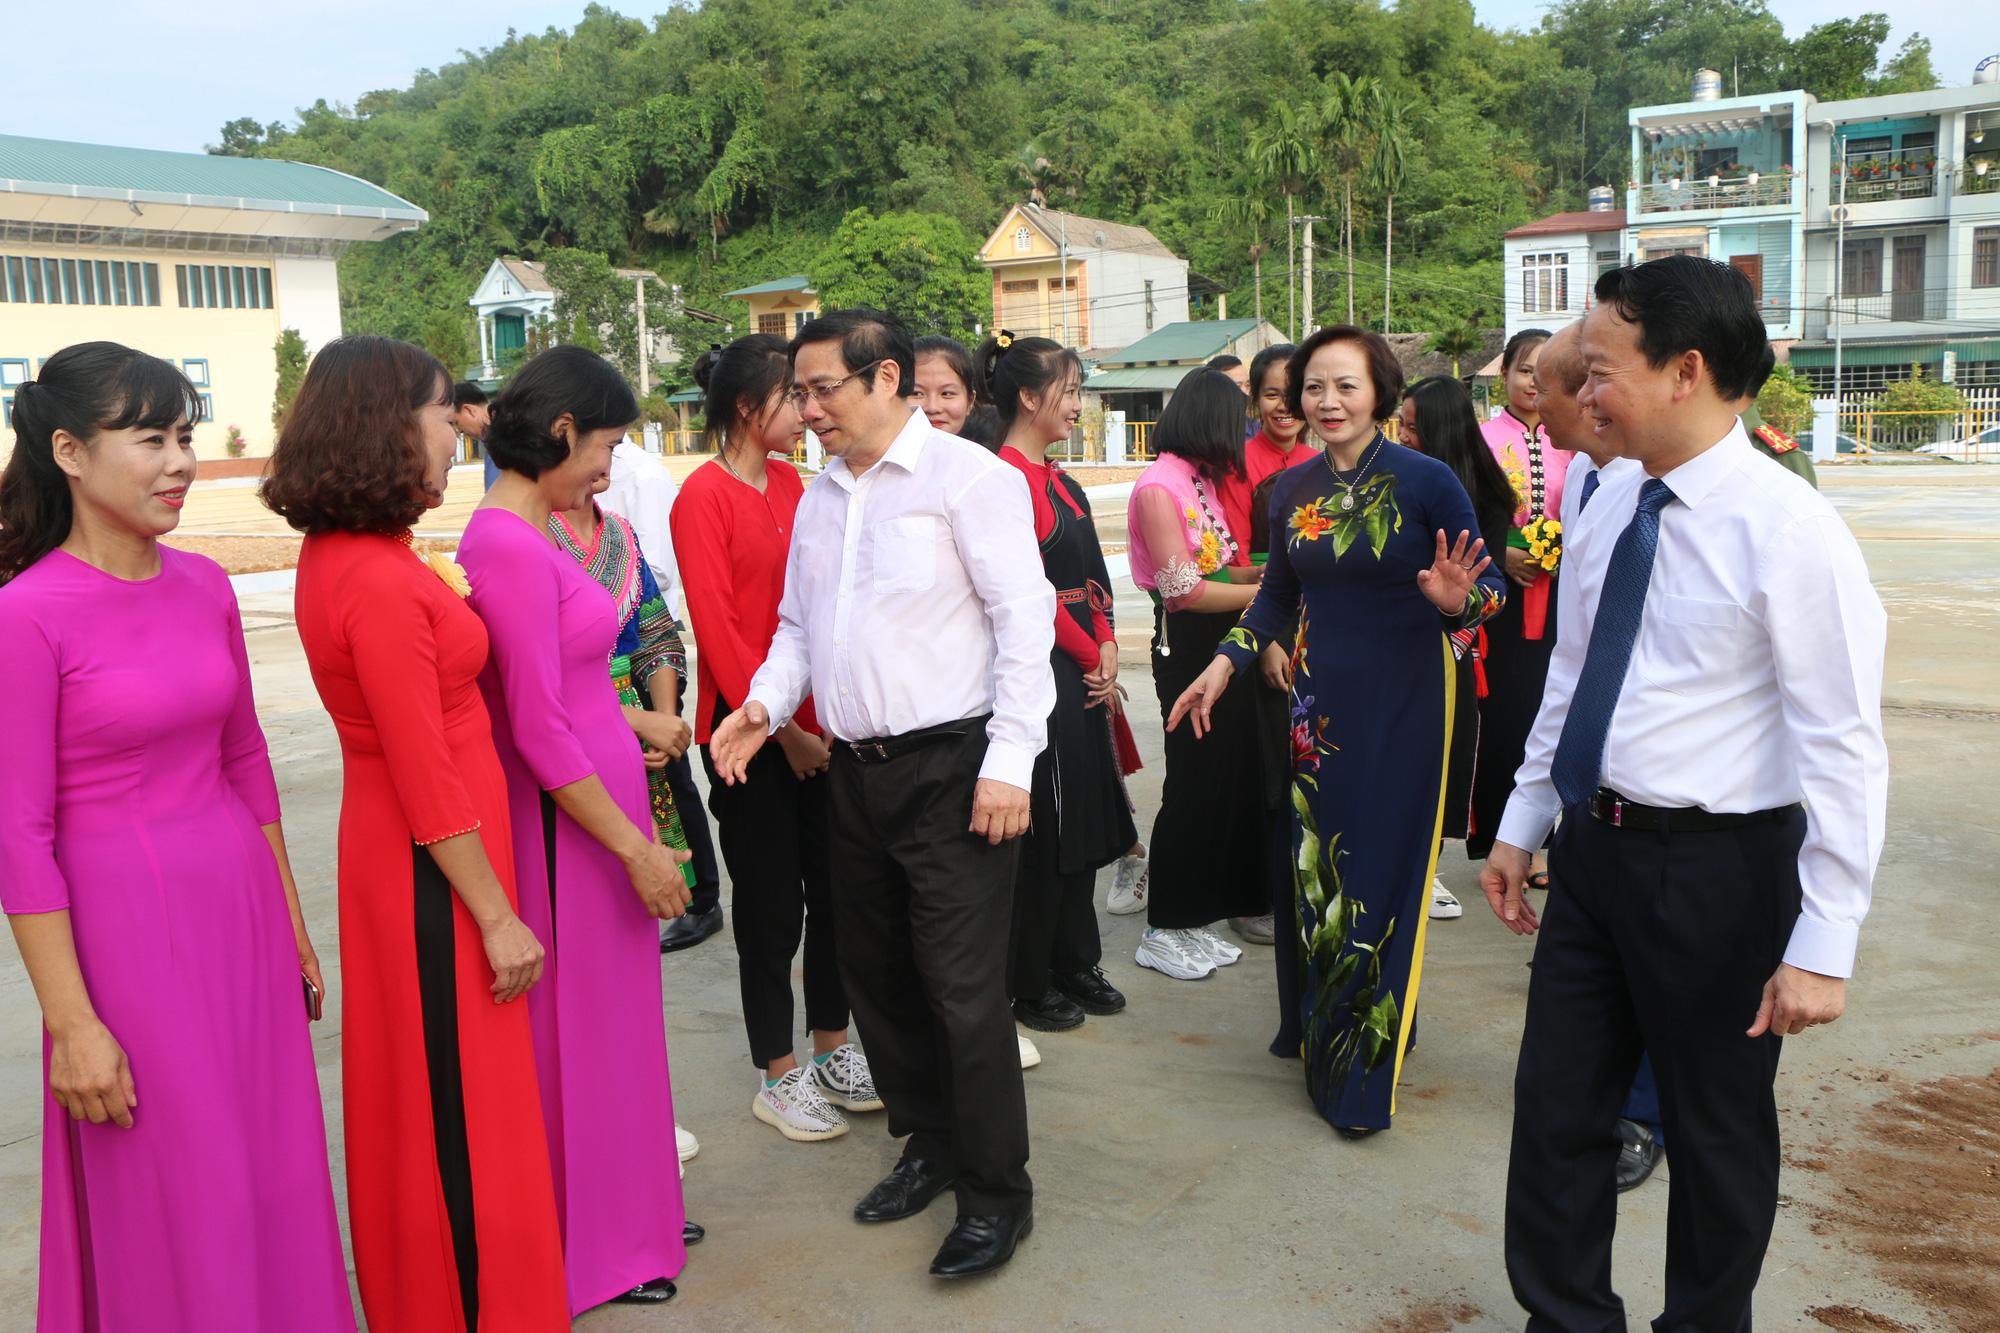 Bà Phạm Thị Thanh Trà Thứ trưởng Bộ Nội vụ nhận Quyết định giữ chức Phó trưởng Ban tổ chức Trung ương - Ảnh 4.